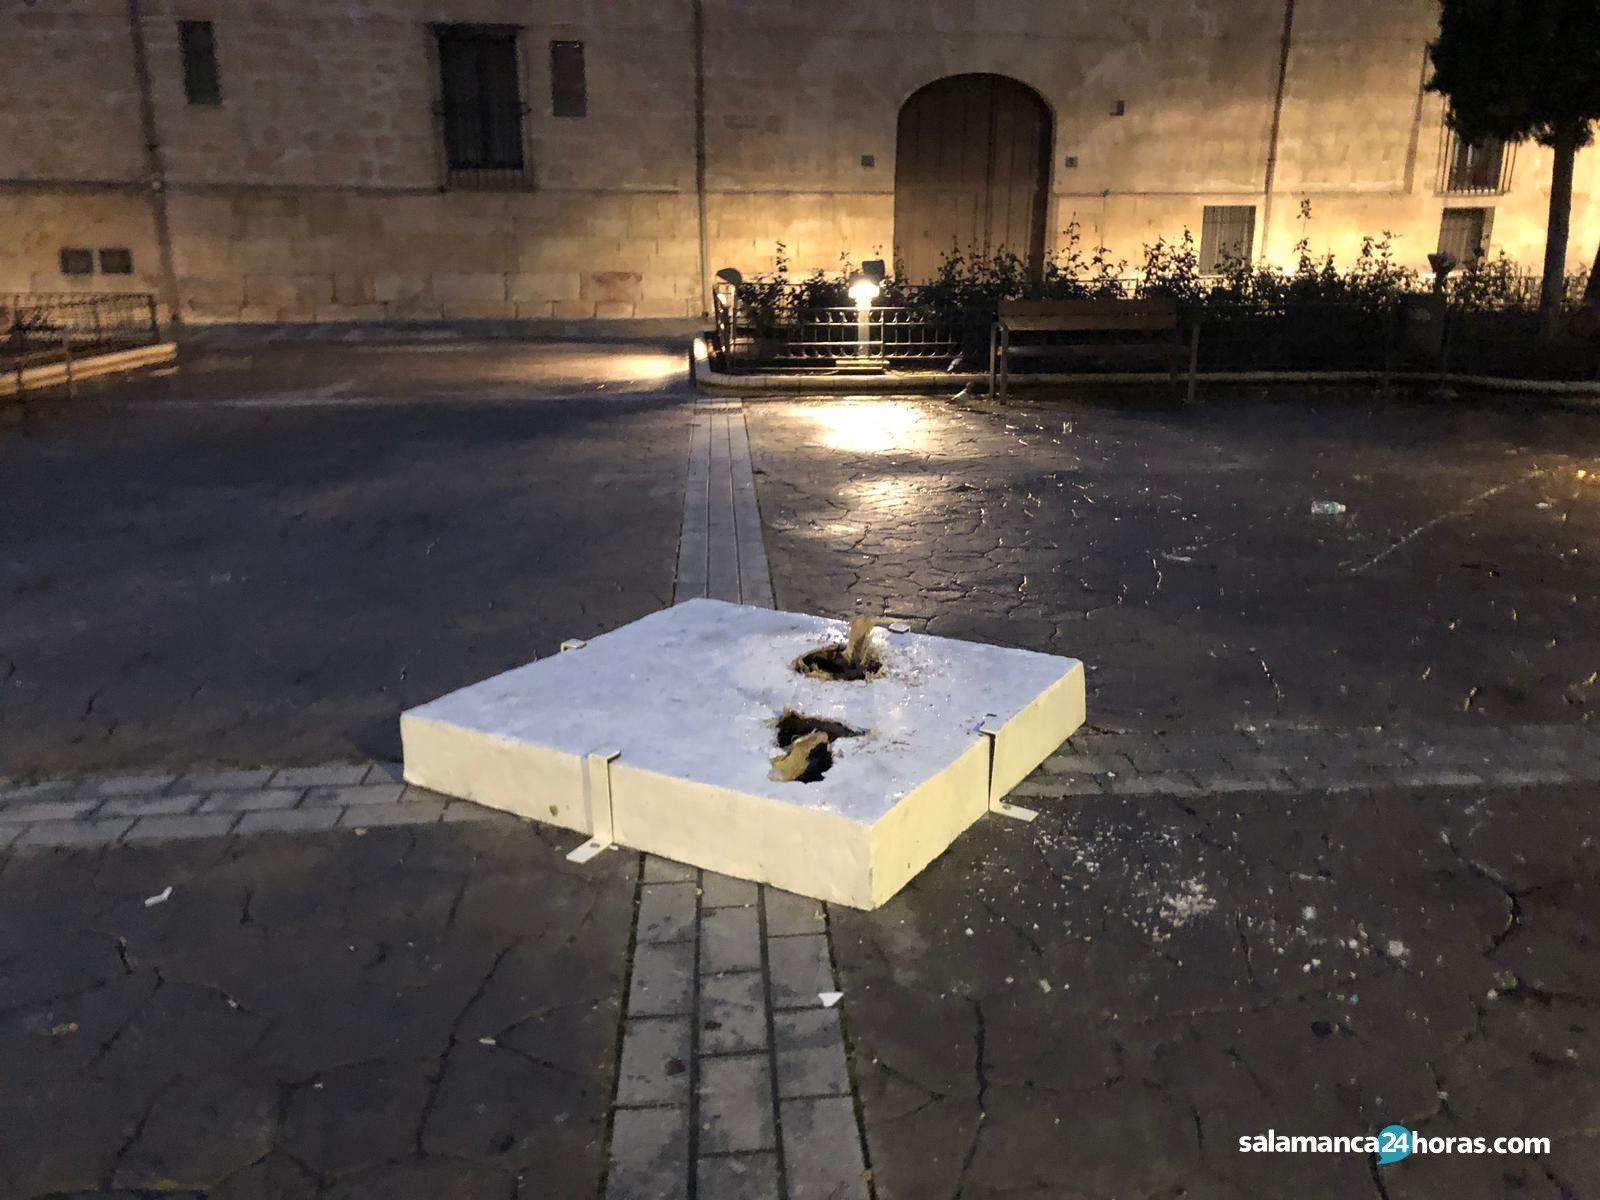 Arrancan una escultura de Xu Hongfei (1)